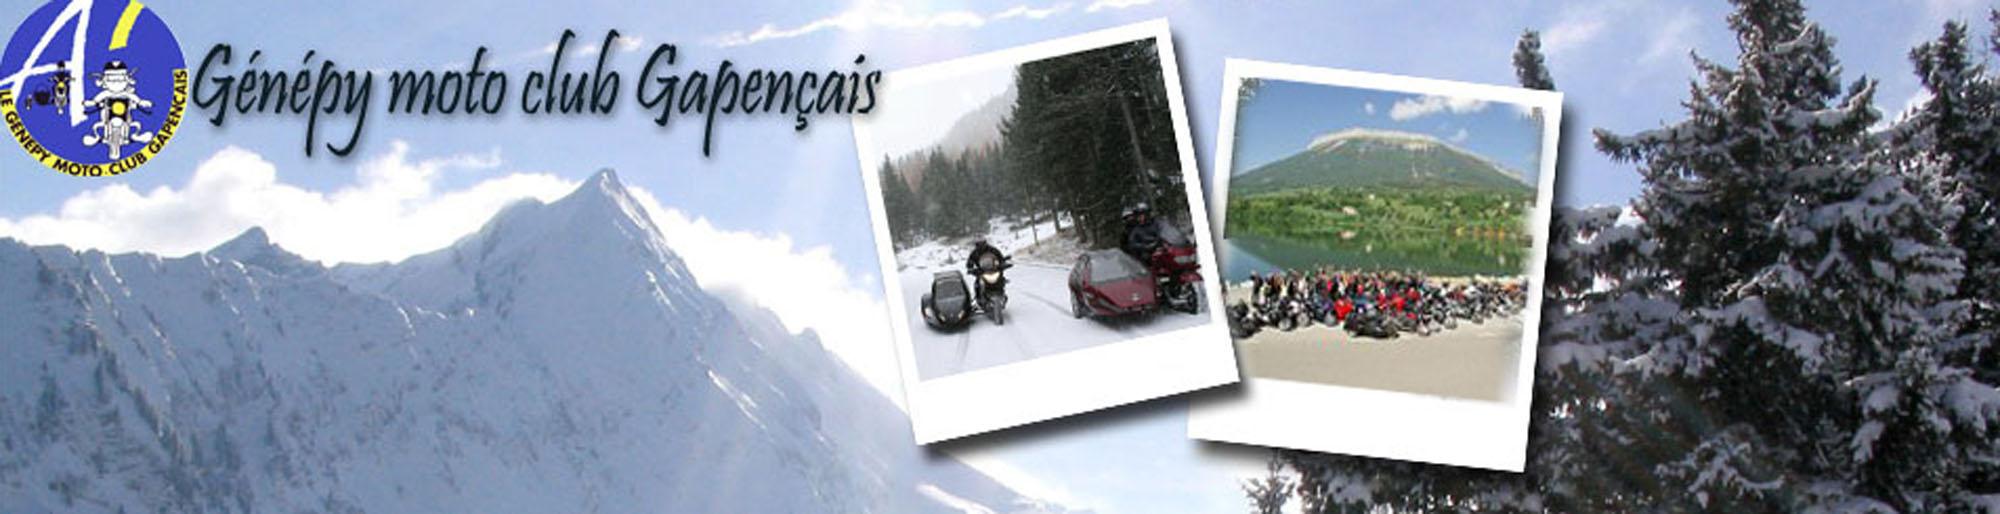 Genepy-Moto Club